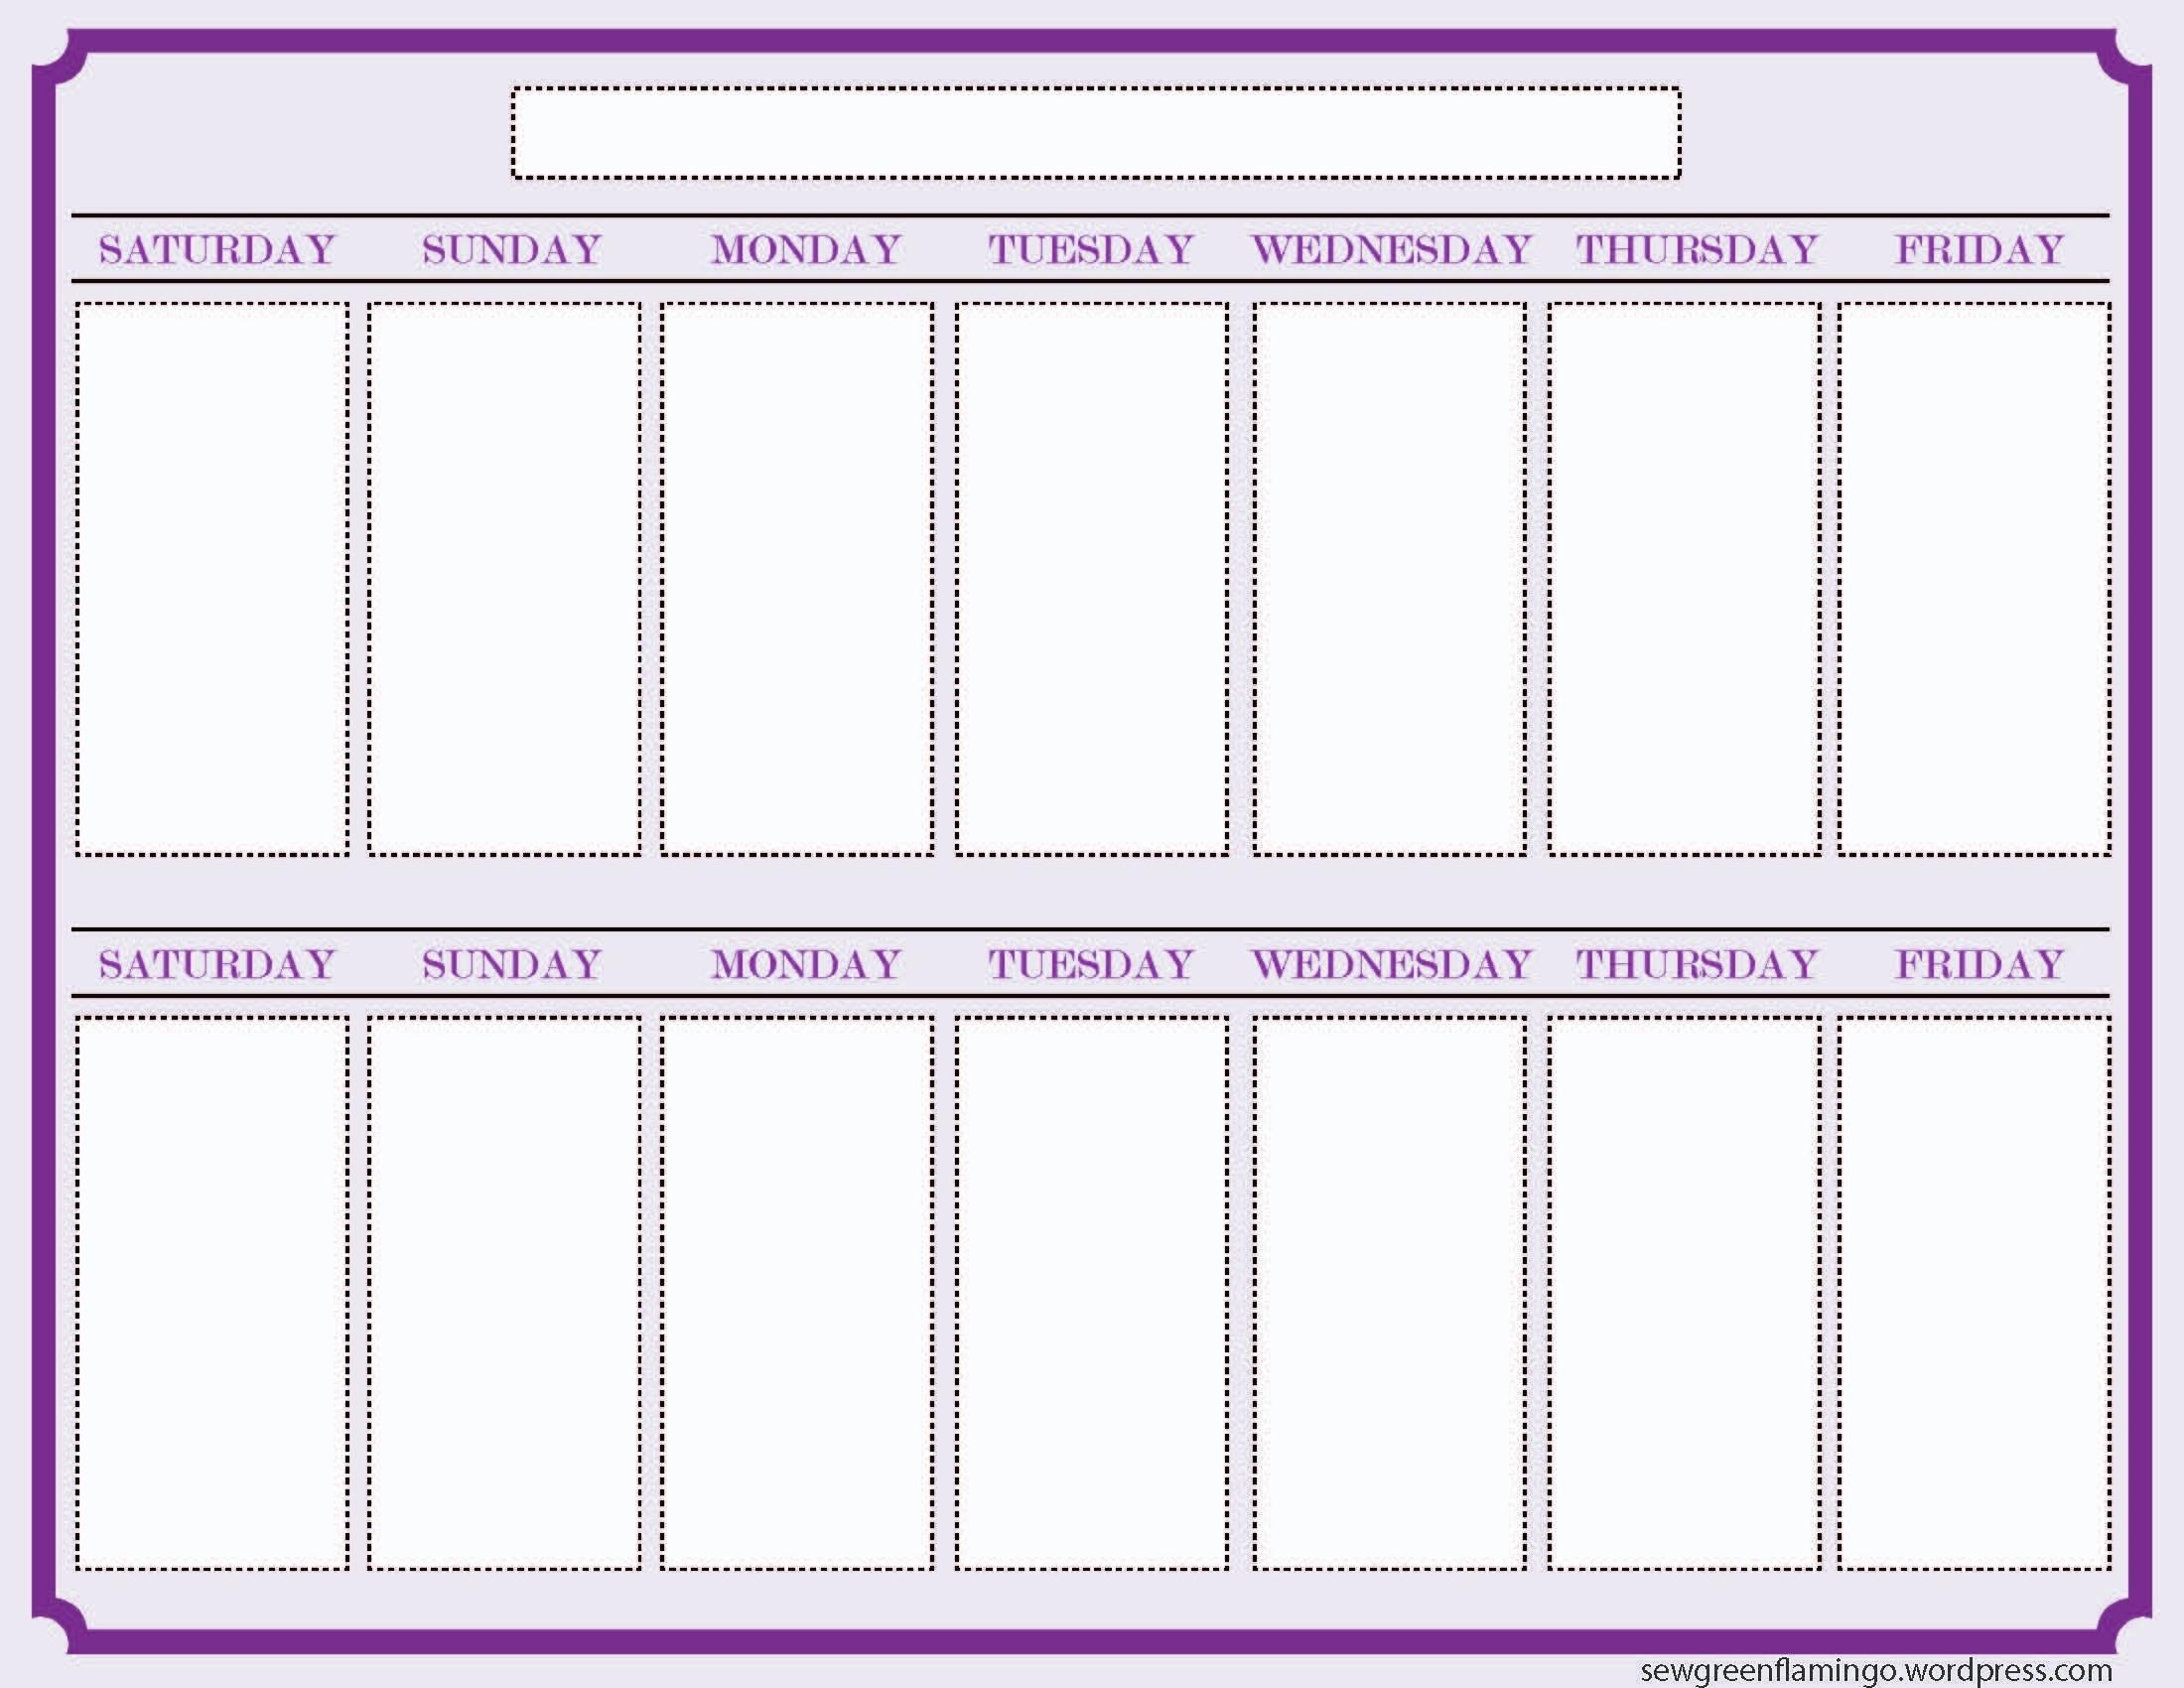 One Week Calendar Template - Art-Student  One Week Calendar Template Printable